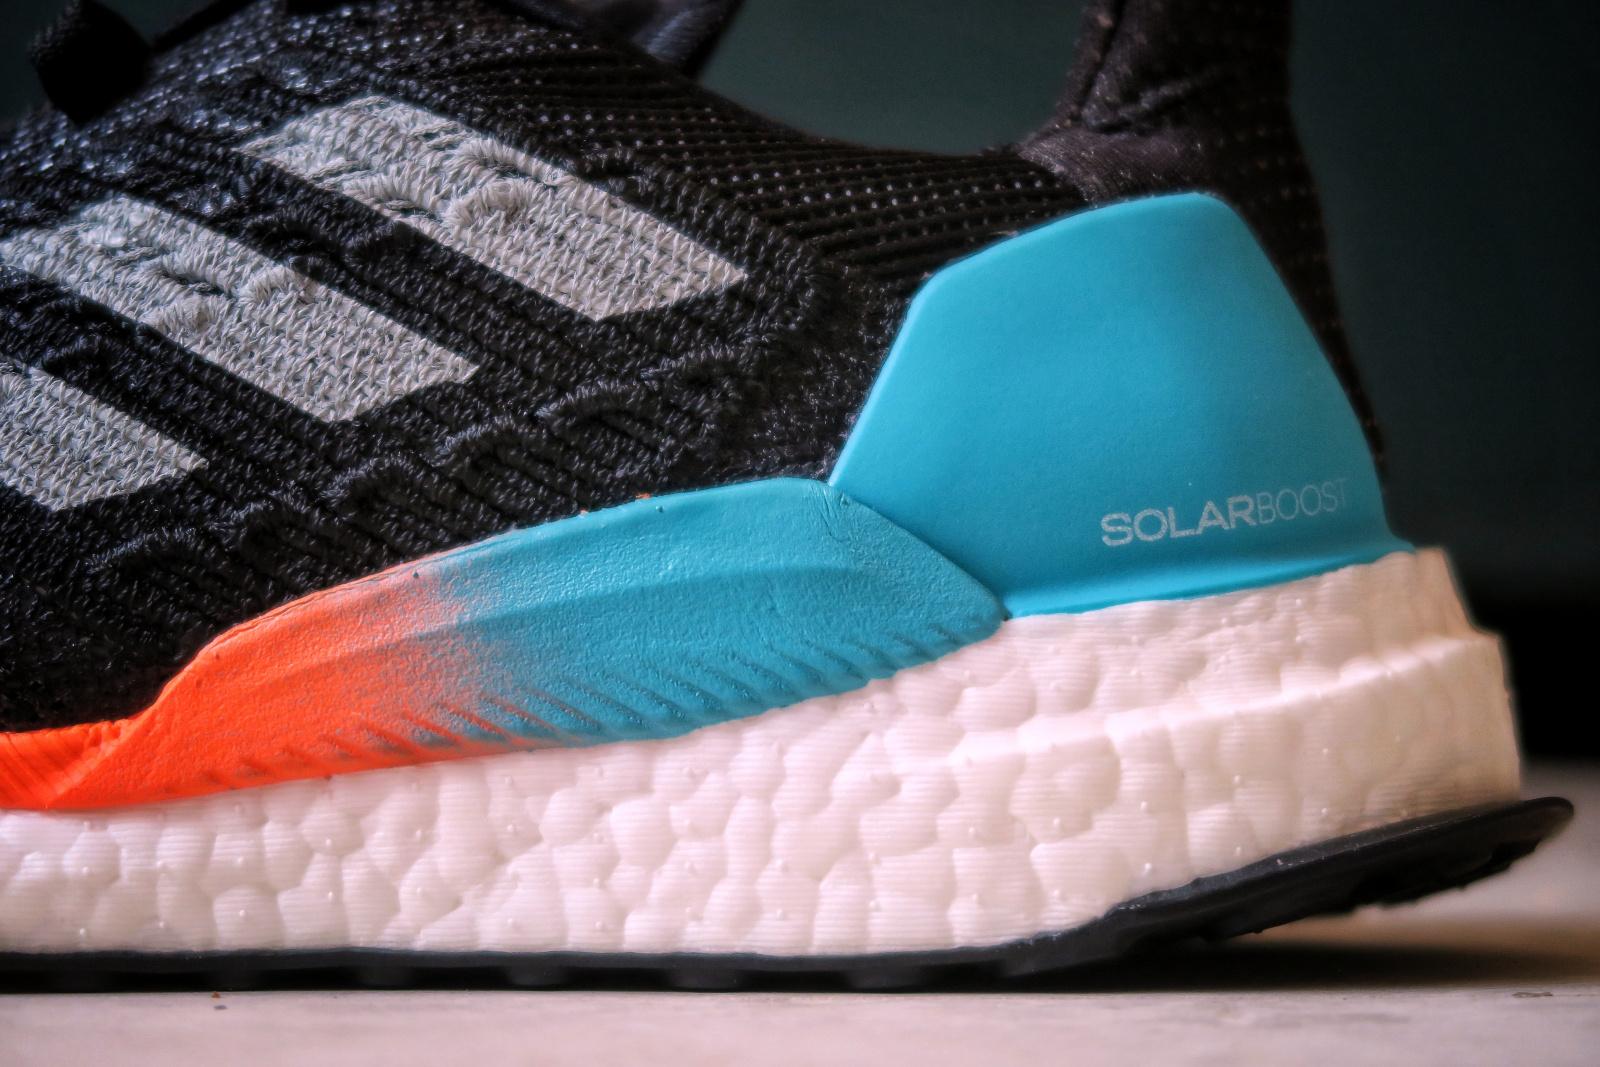 Vue sur le talon de l'Adidas Solar Boost